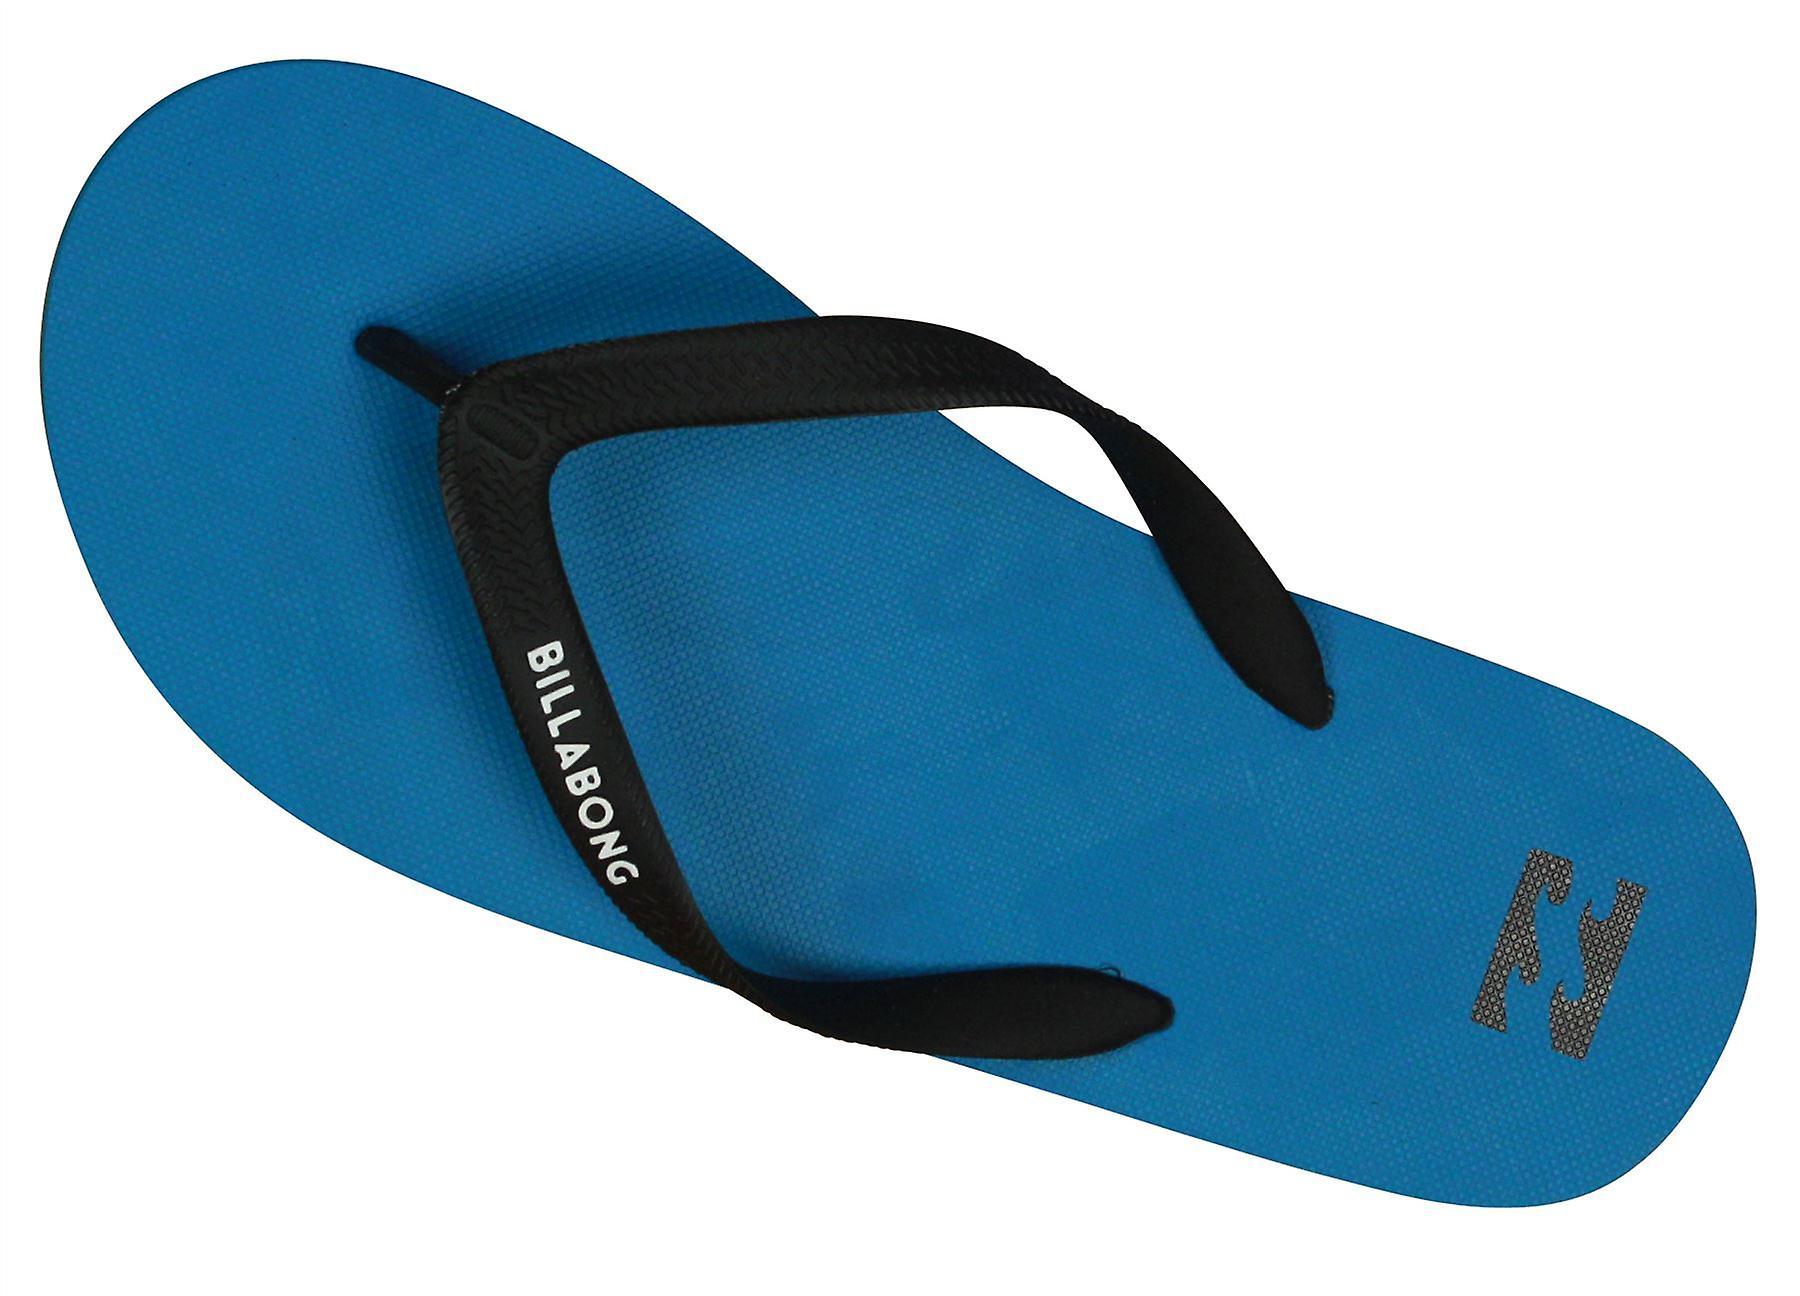 ea9c297eb35a5d Billabong Water Resistant Mens Sandals ~ Tides Solid bright blue ...